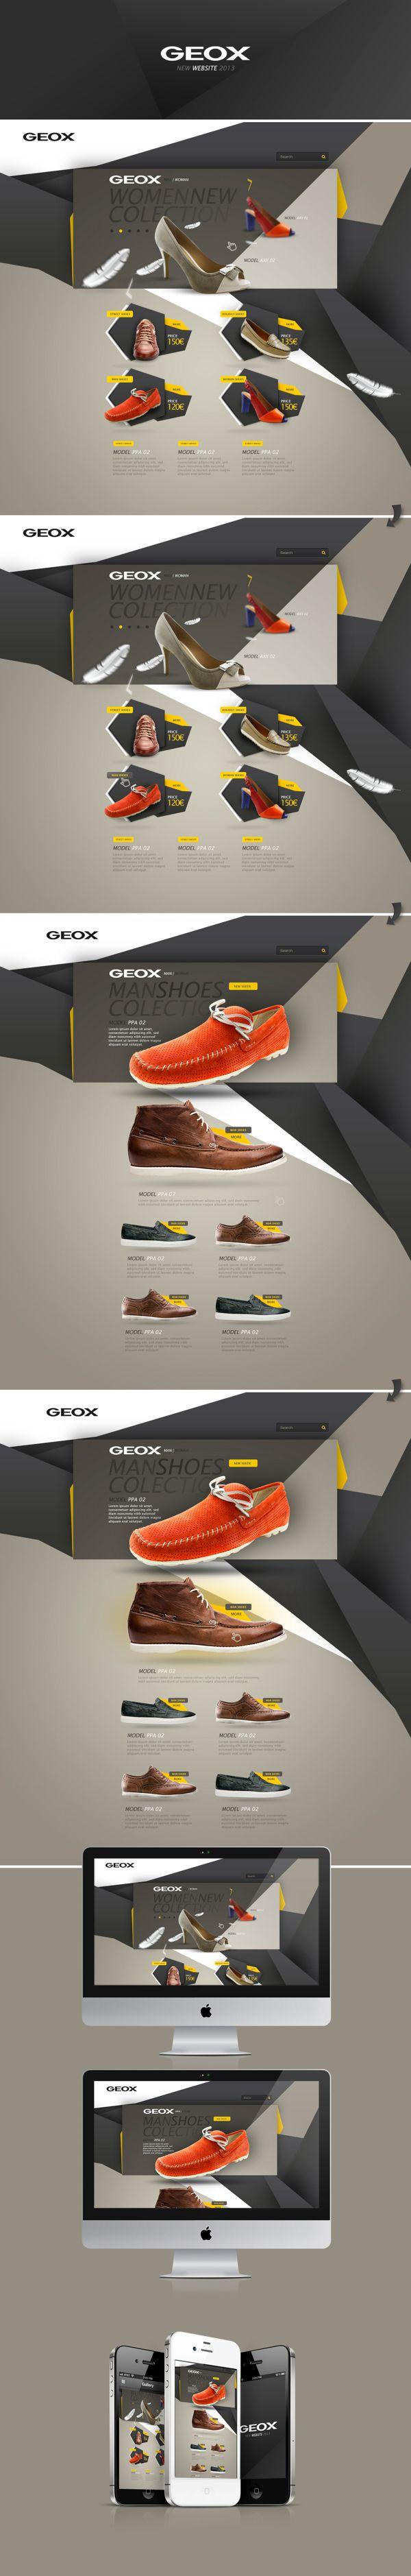 GEOX website by João Alberto, via Behance